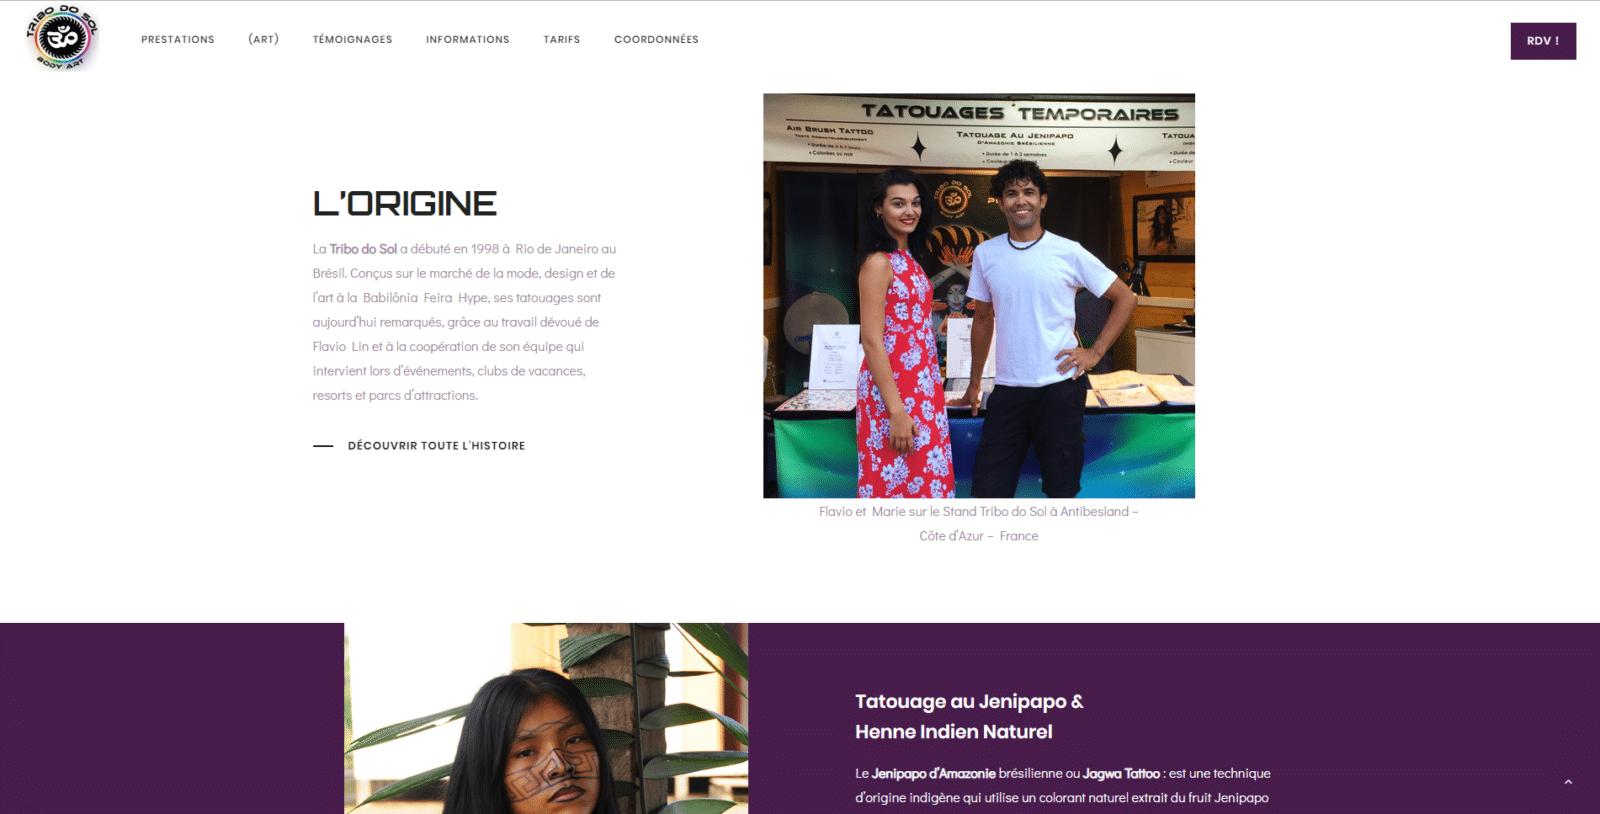 Tribo do sol est un client de l'agence web Karedess, agence web situé à Mulhouse